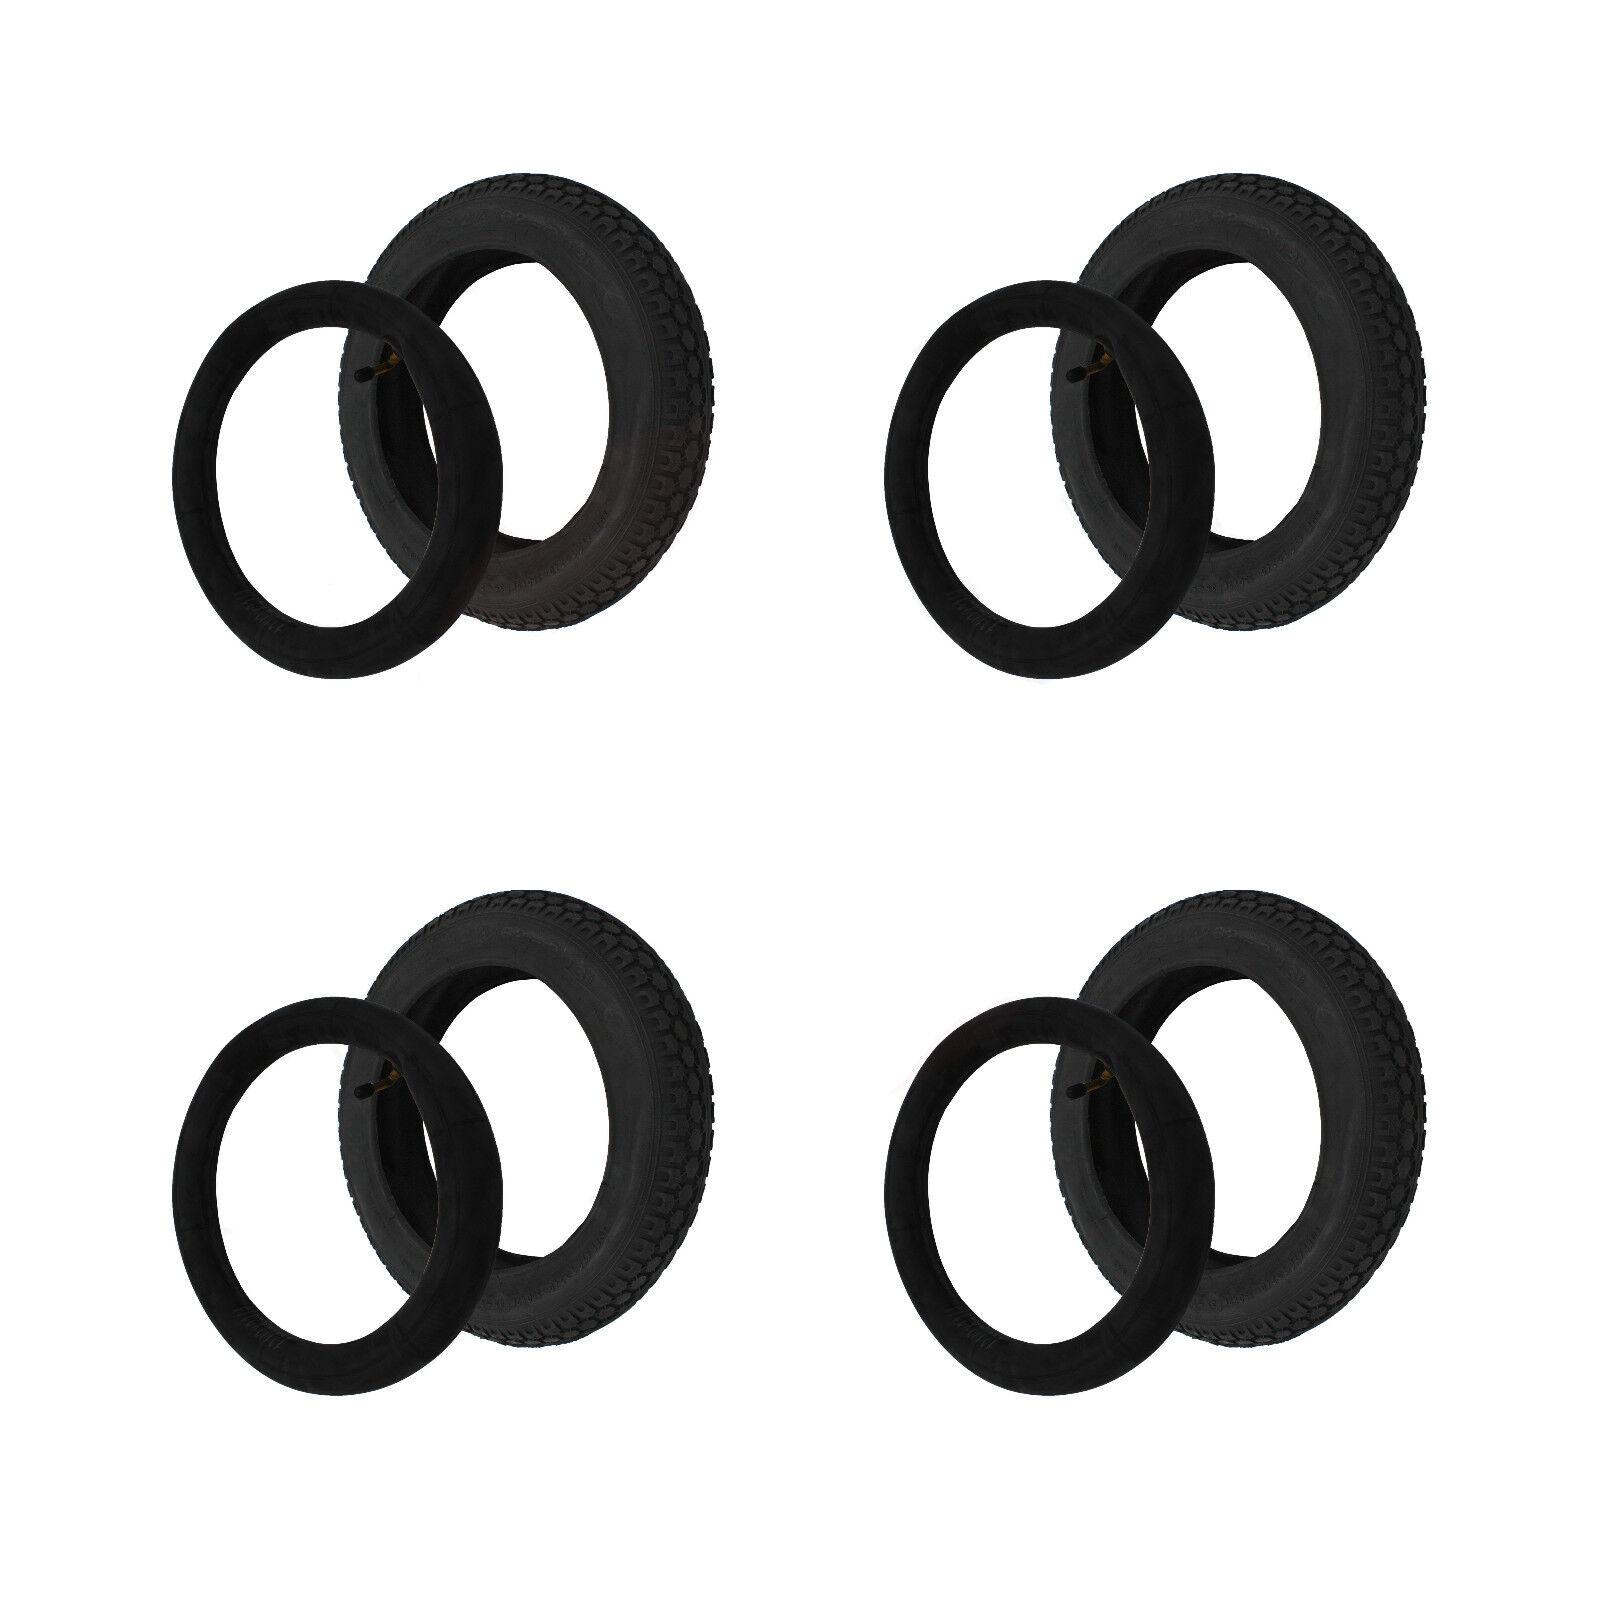 4x Set Reifen + + + Schlauch WV 12.1 2 x 2.1 4 Kinderwagenreifen Fahrradreifen A1  | Ausgezeichnete Qualität  0ccb78